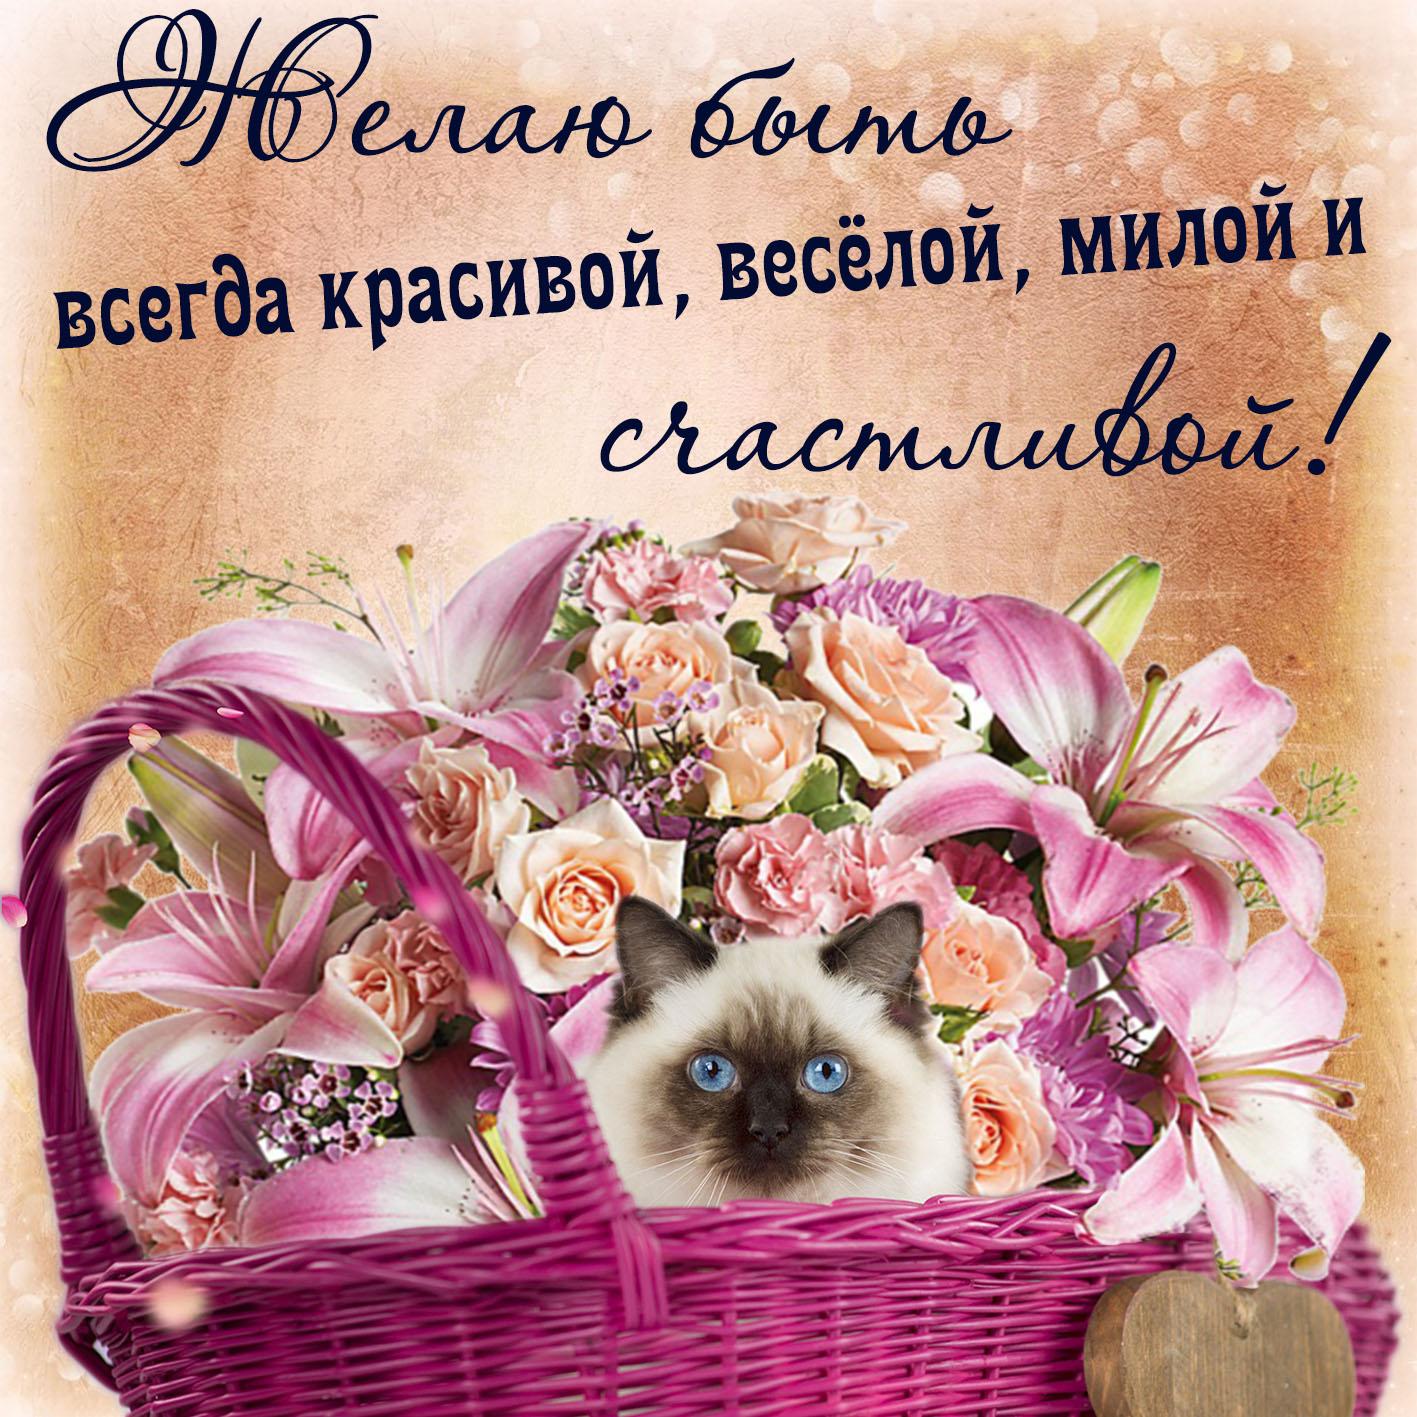 Открытка с пожеланием счастья - симпатичный котик в корзинке с цветами